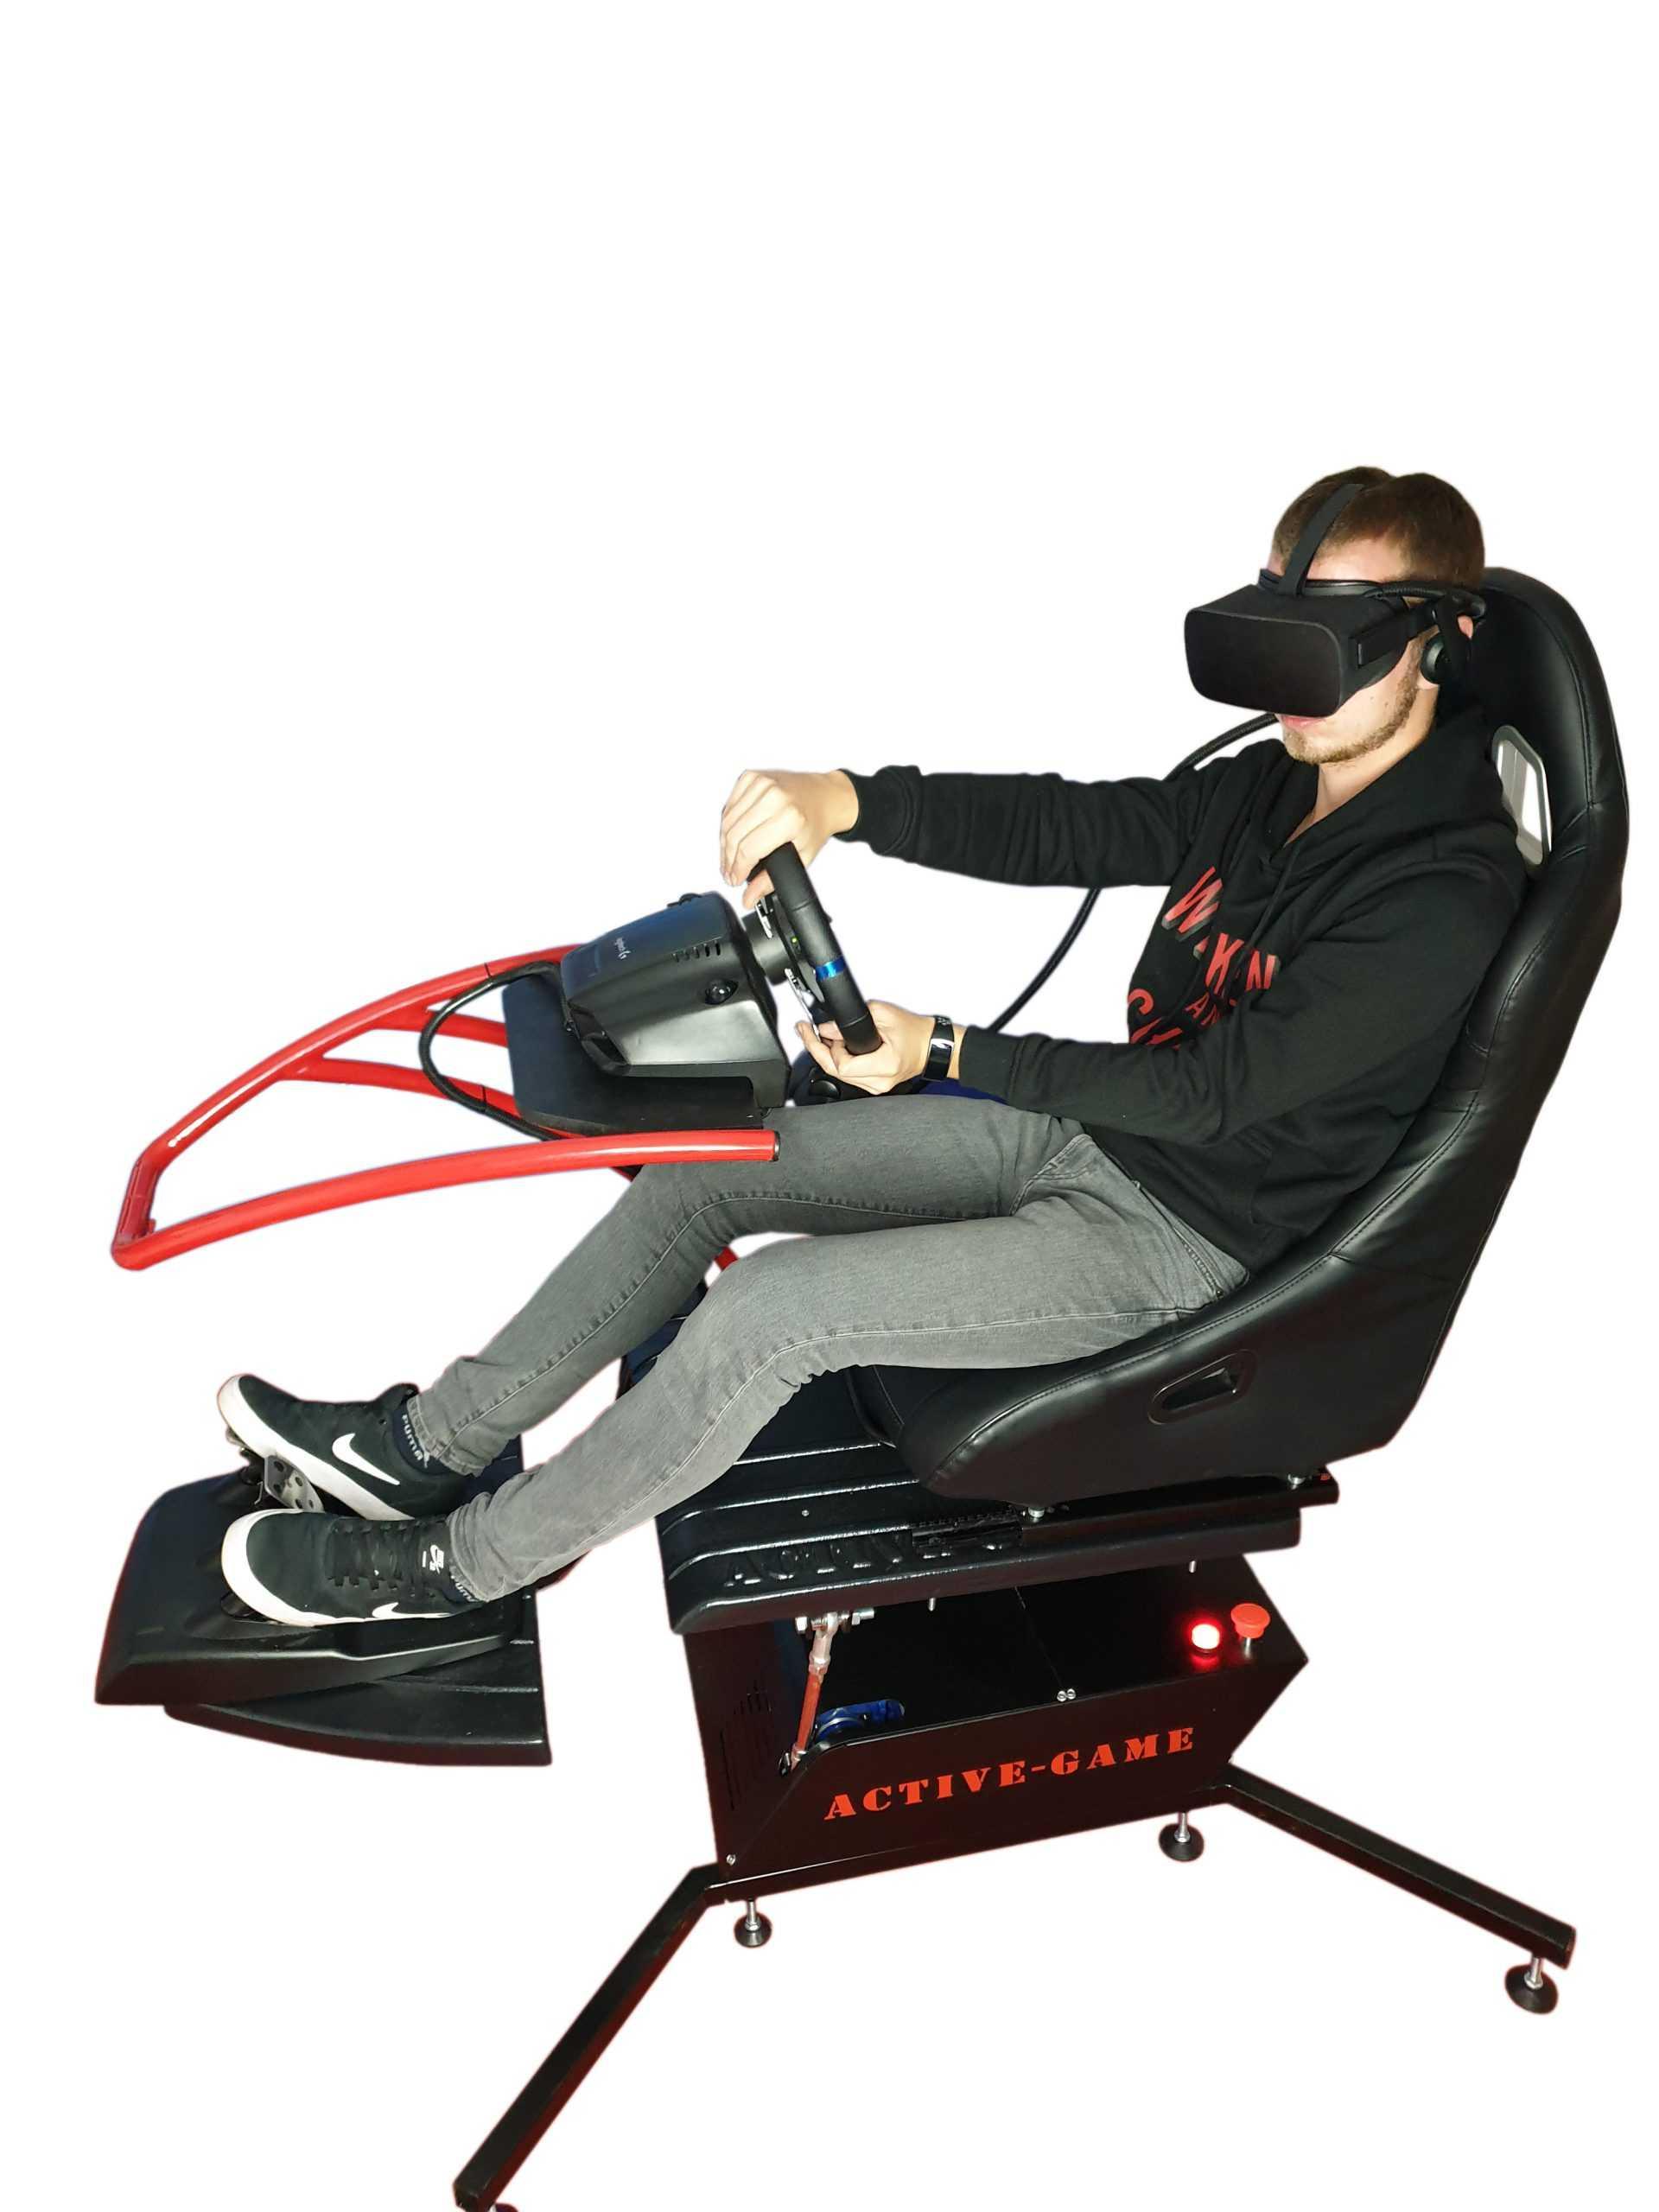 Mini_Red_3 Full motion affordable home simulator 2dof, 3dof,4dof,6dof motion platform